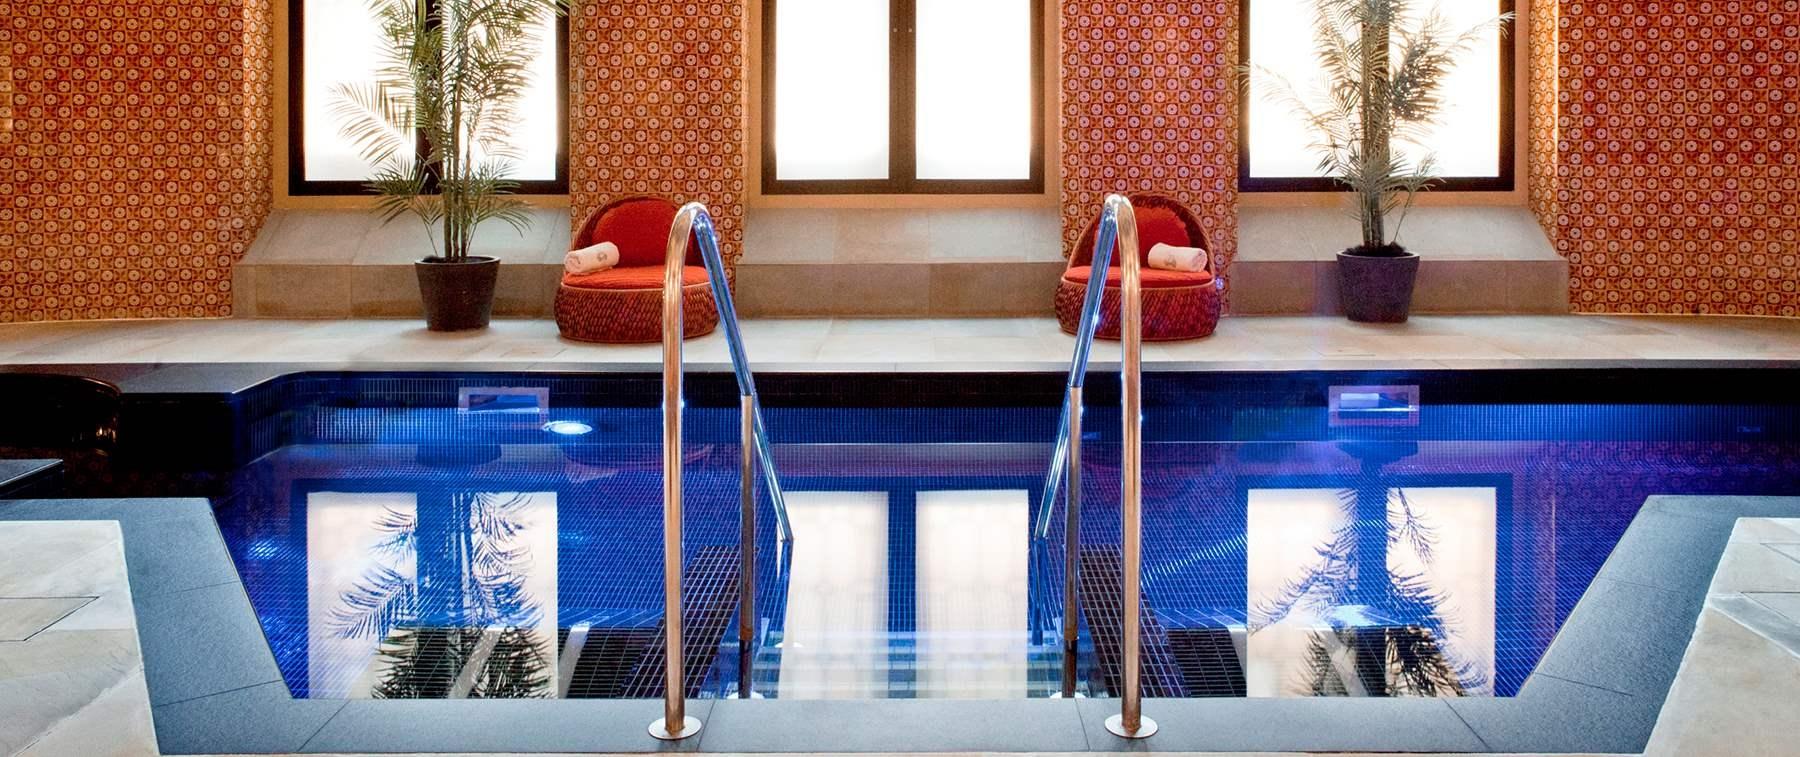 Pool View - St. Pancras Spa